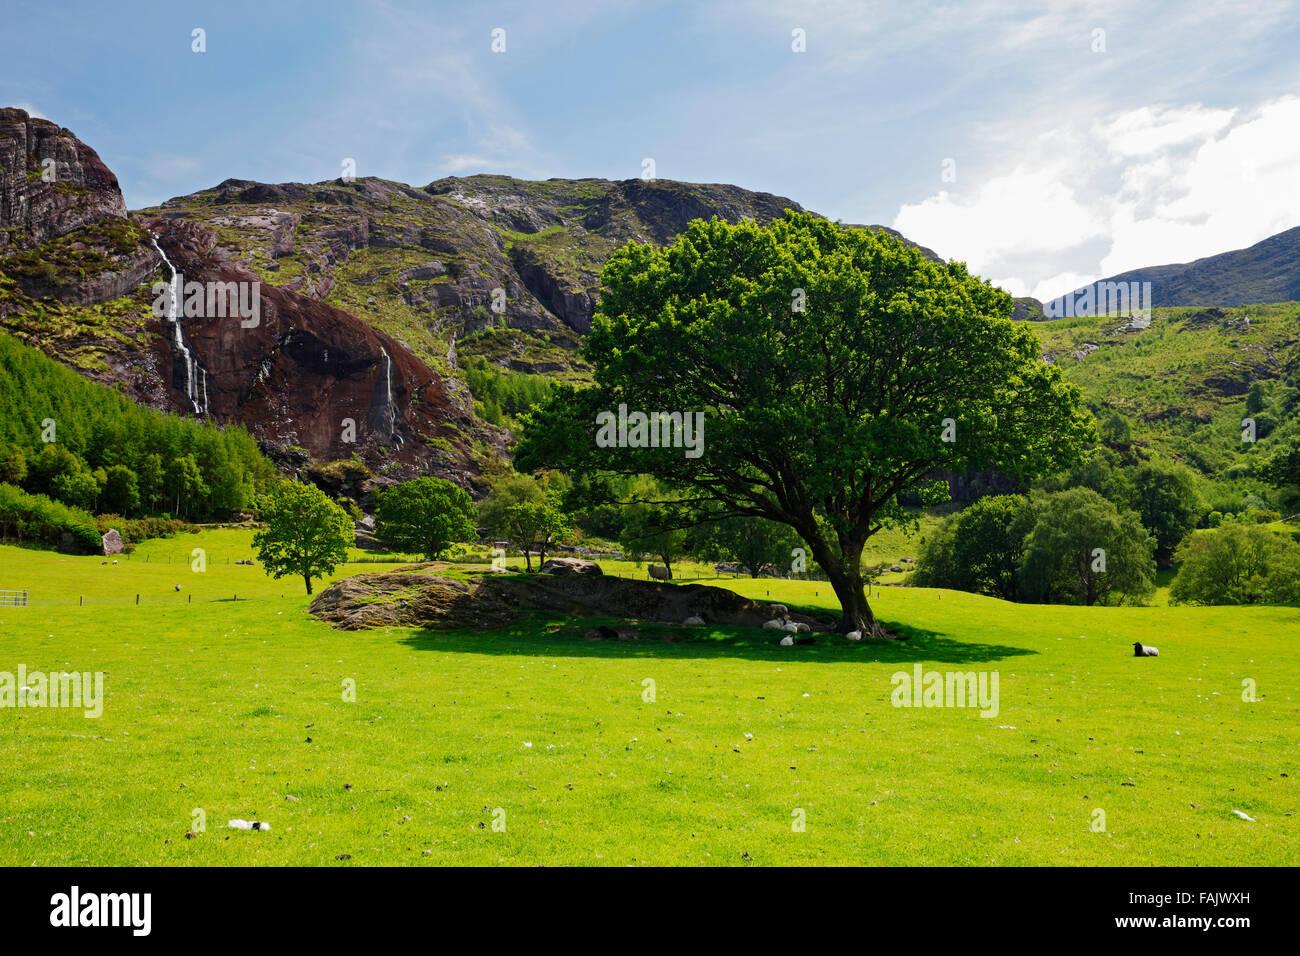 Gleninchaquin Park on Beara peninsula near Kenmare, Co. Kerry, Ireland - Stock Image